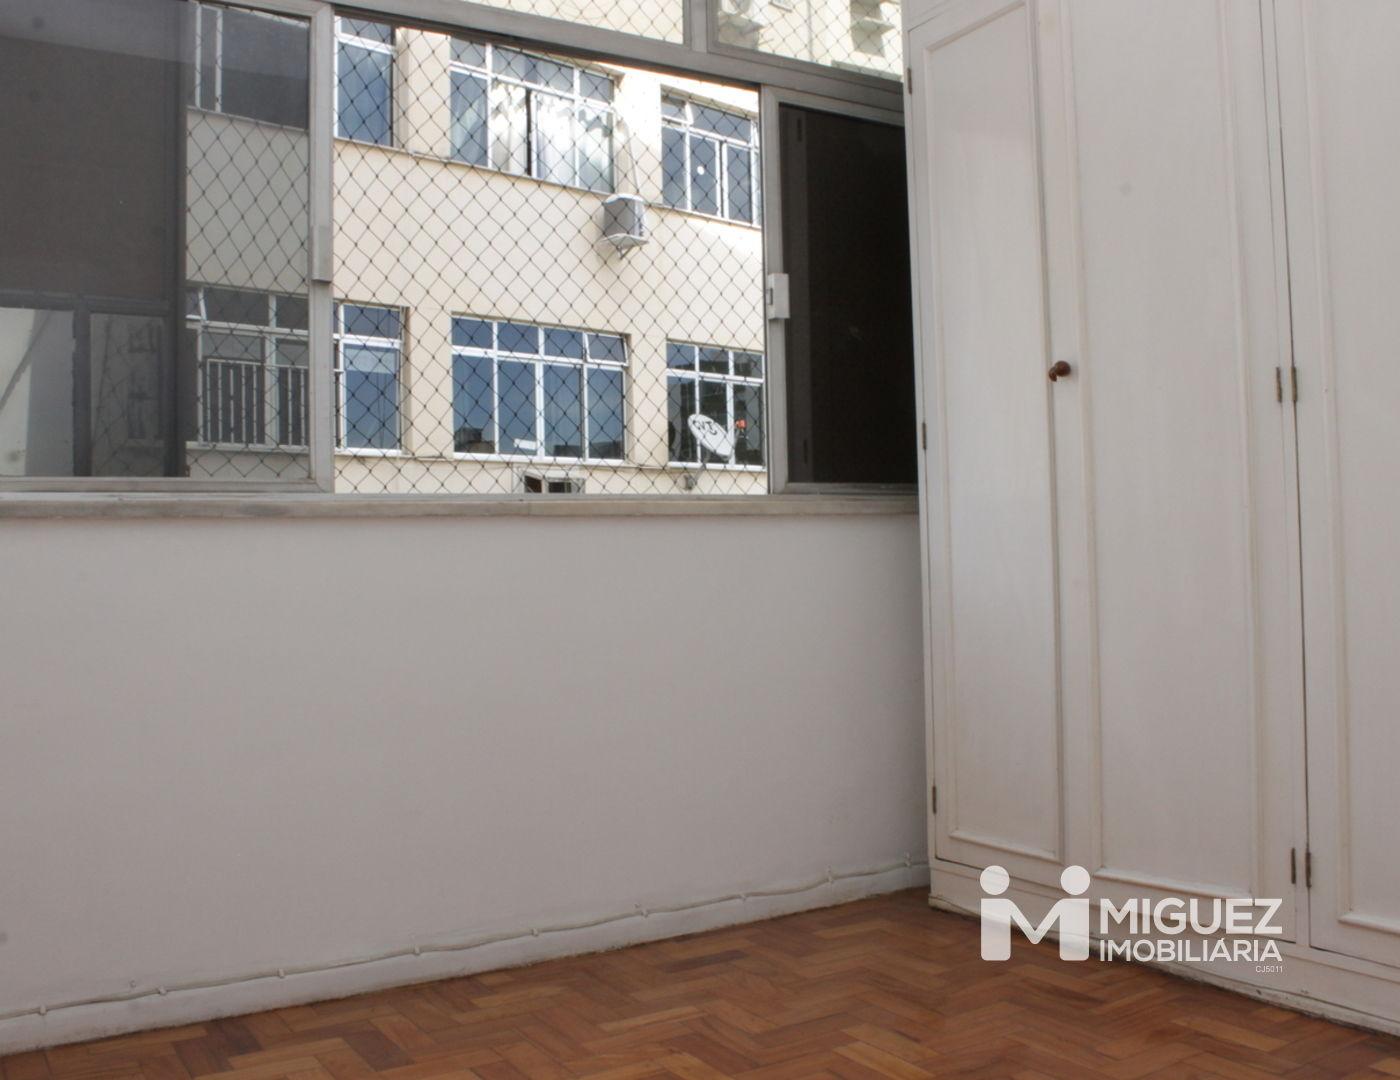 Apartamento, aluguel, Rua Alzira Brandão - Tijuca , Rio de janeiro